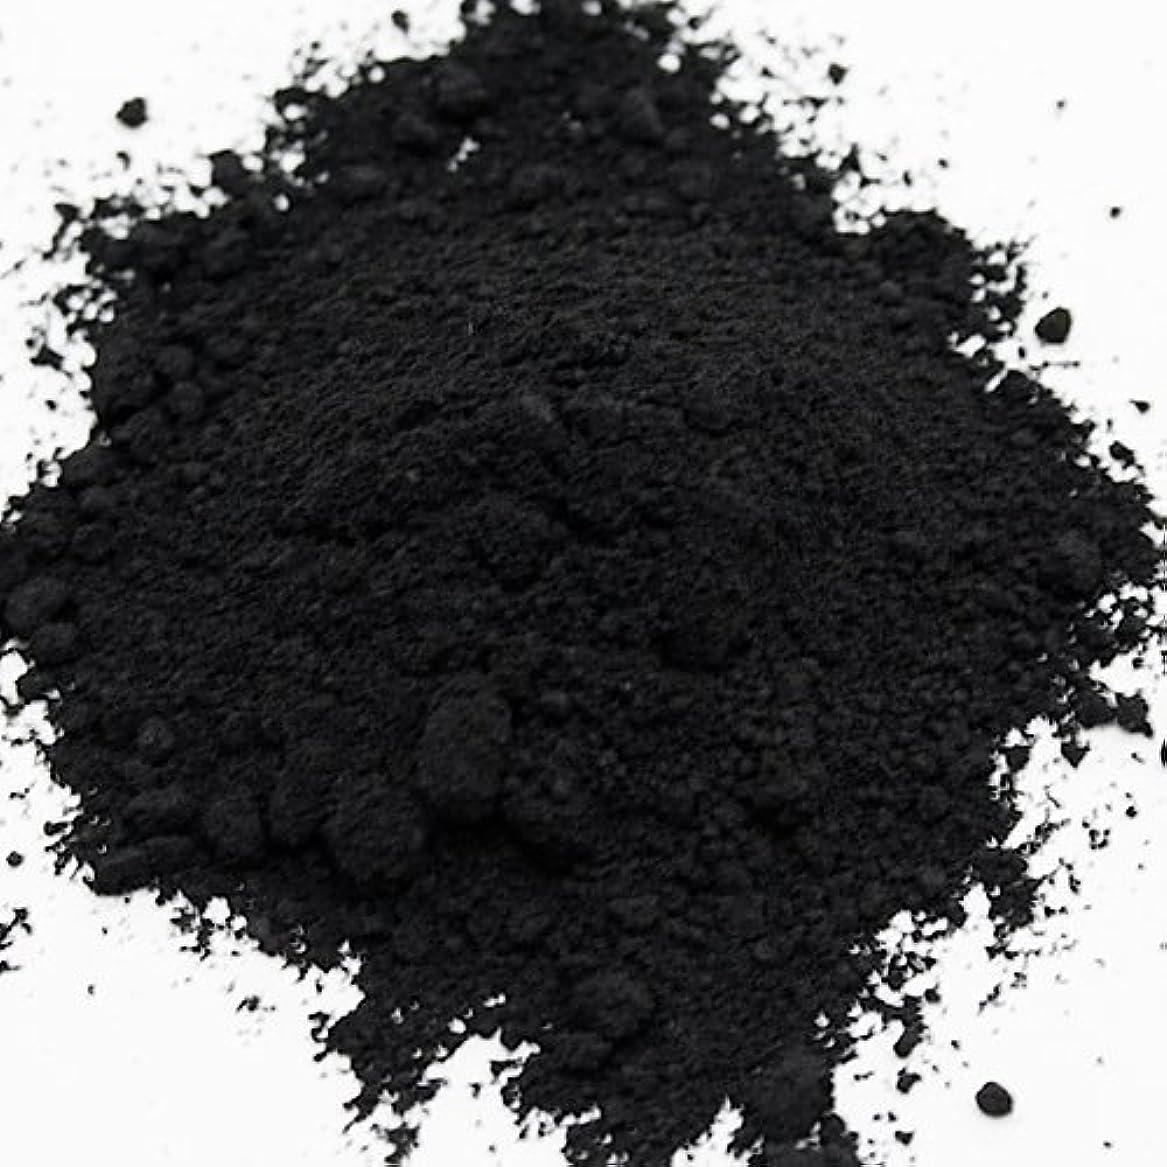 市場センブランス疑問に思う酸化鉄 ブラック 20g 【手作り石鹸/手作りコスメ/色付け/カラーラント/黒】